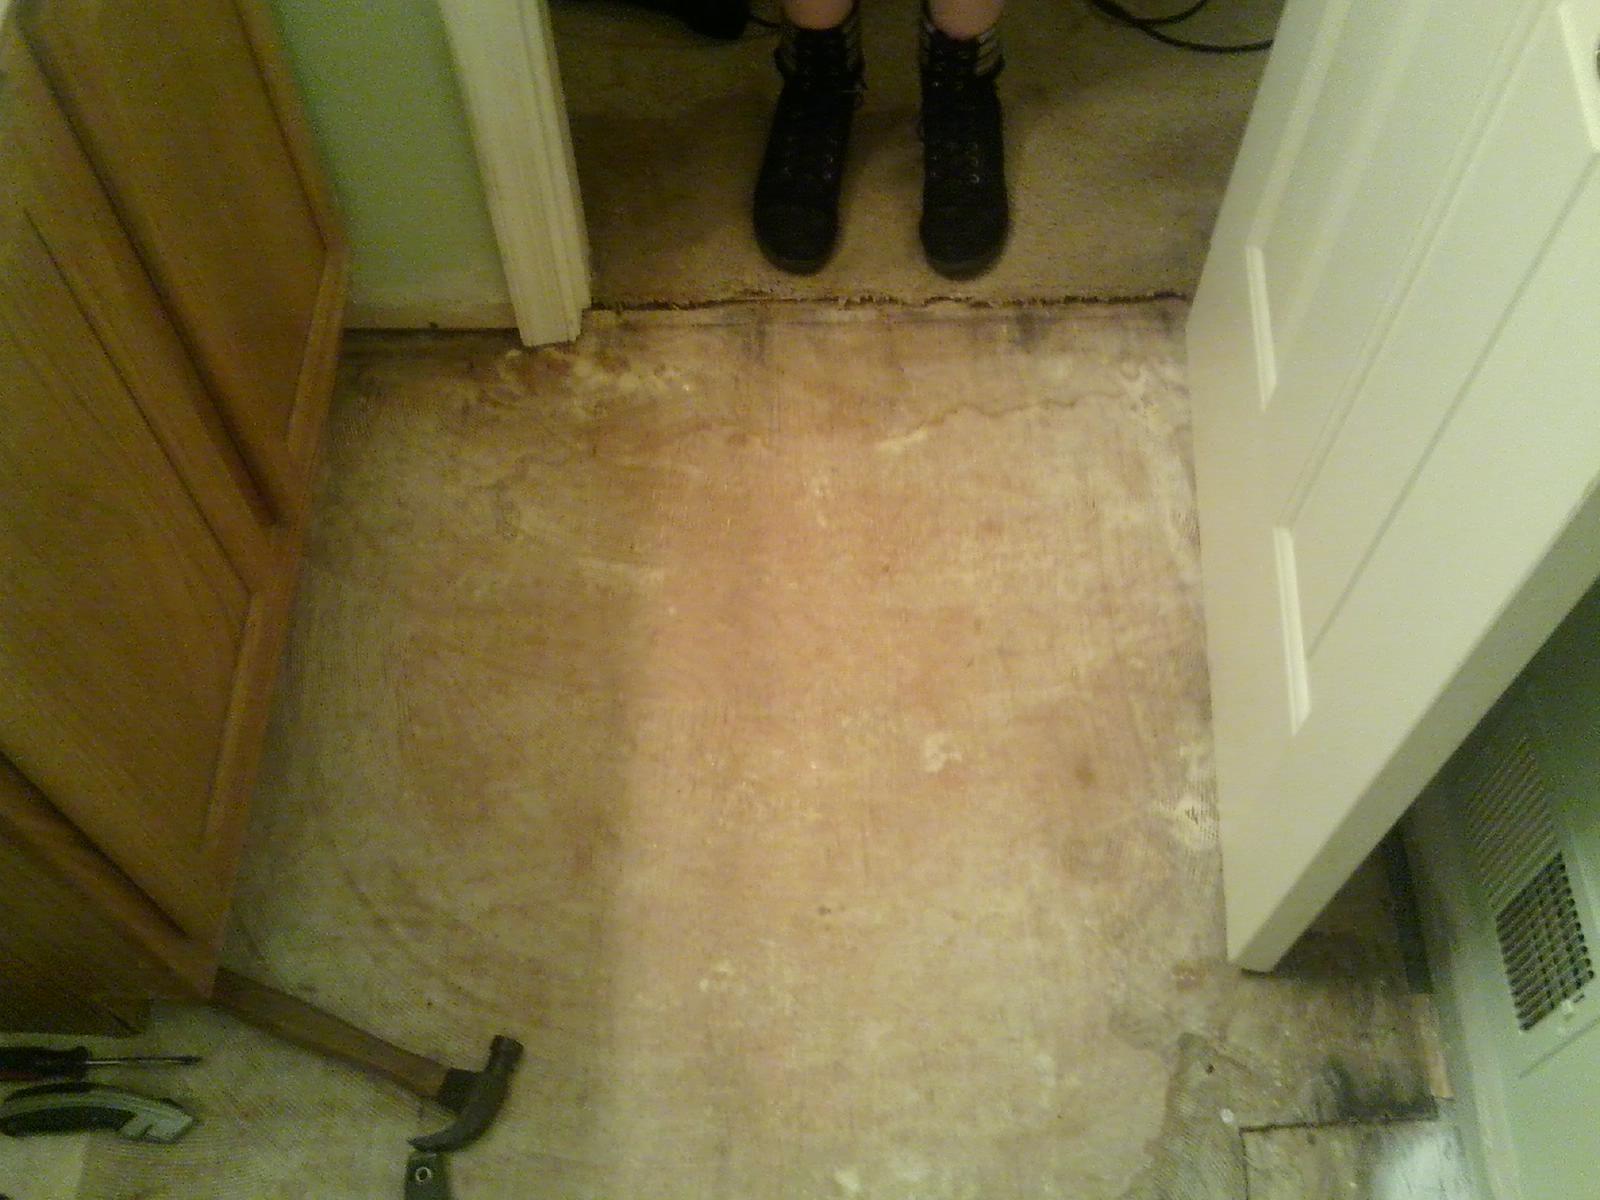 Redoing kids bathroom - repairing rotten floor board due ...